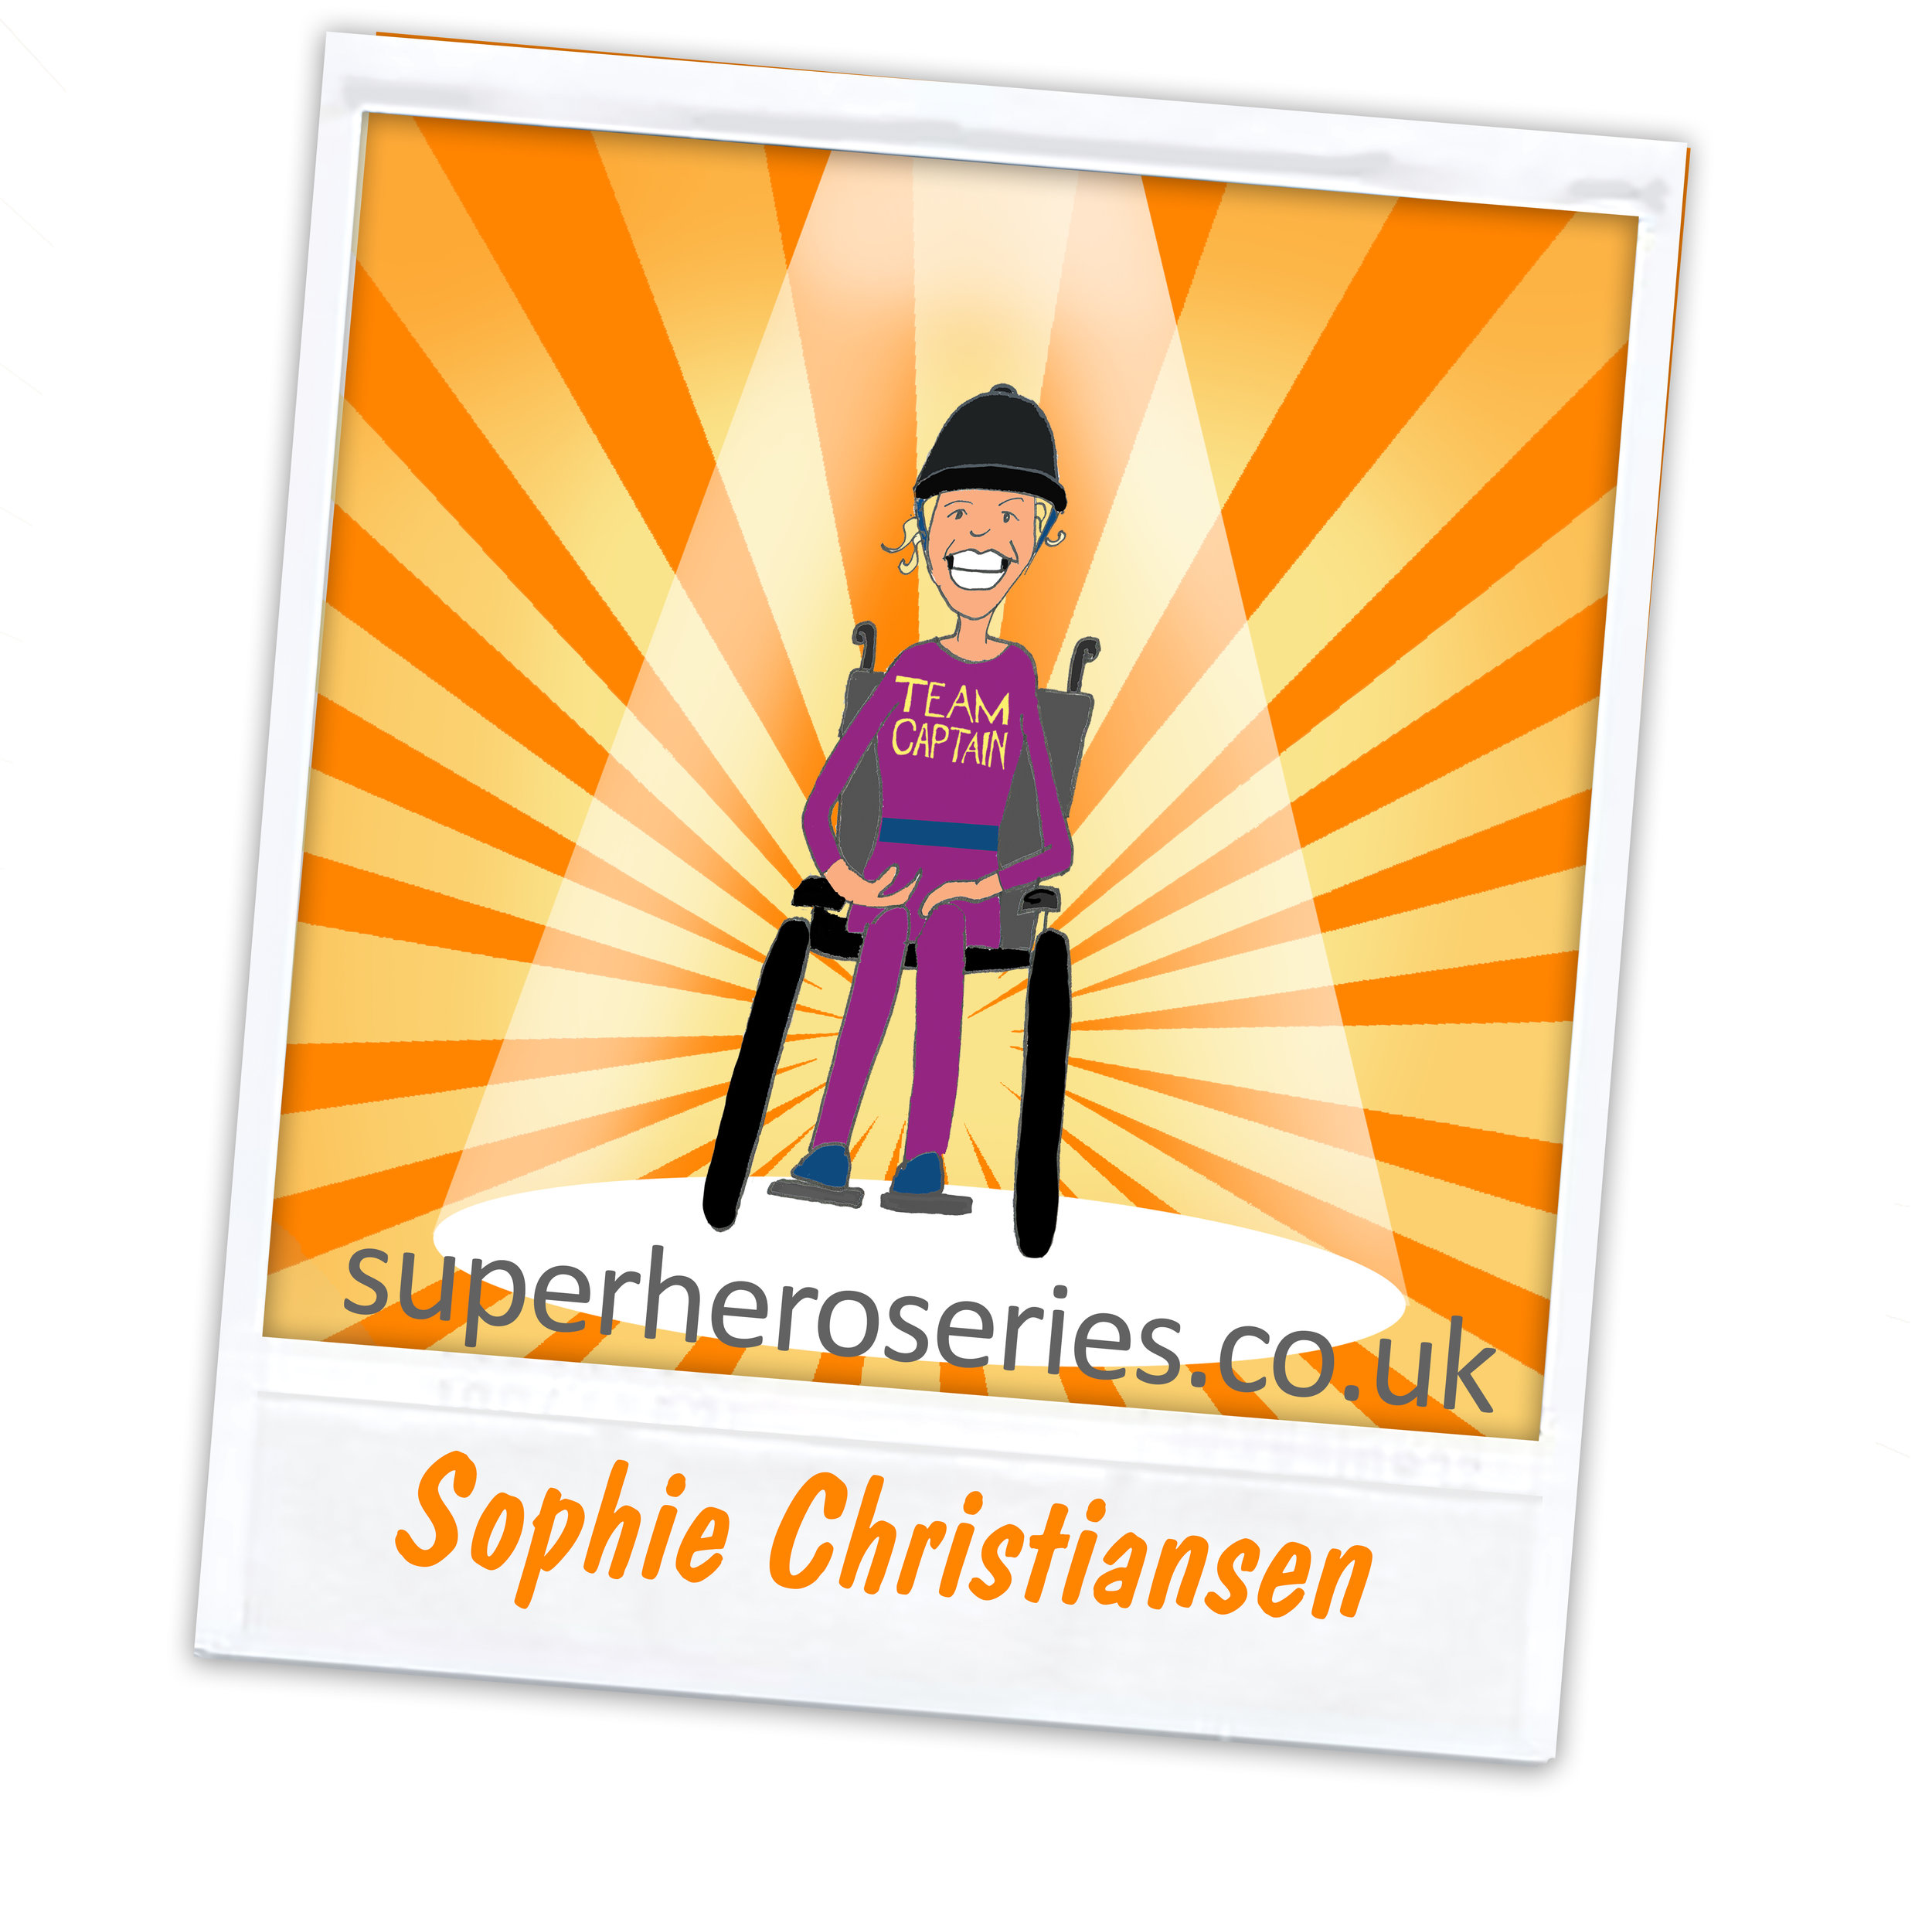 Sophie Christiansen Right.jpg